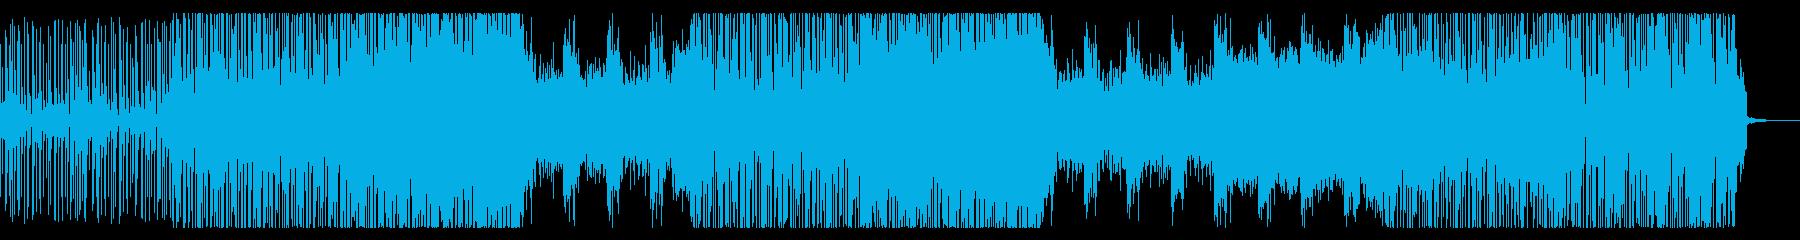 インダストリーテクノの再生済みの波形